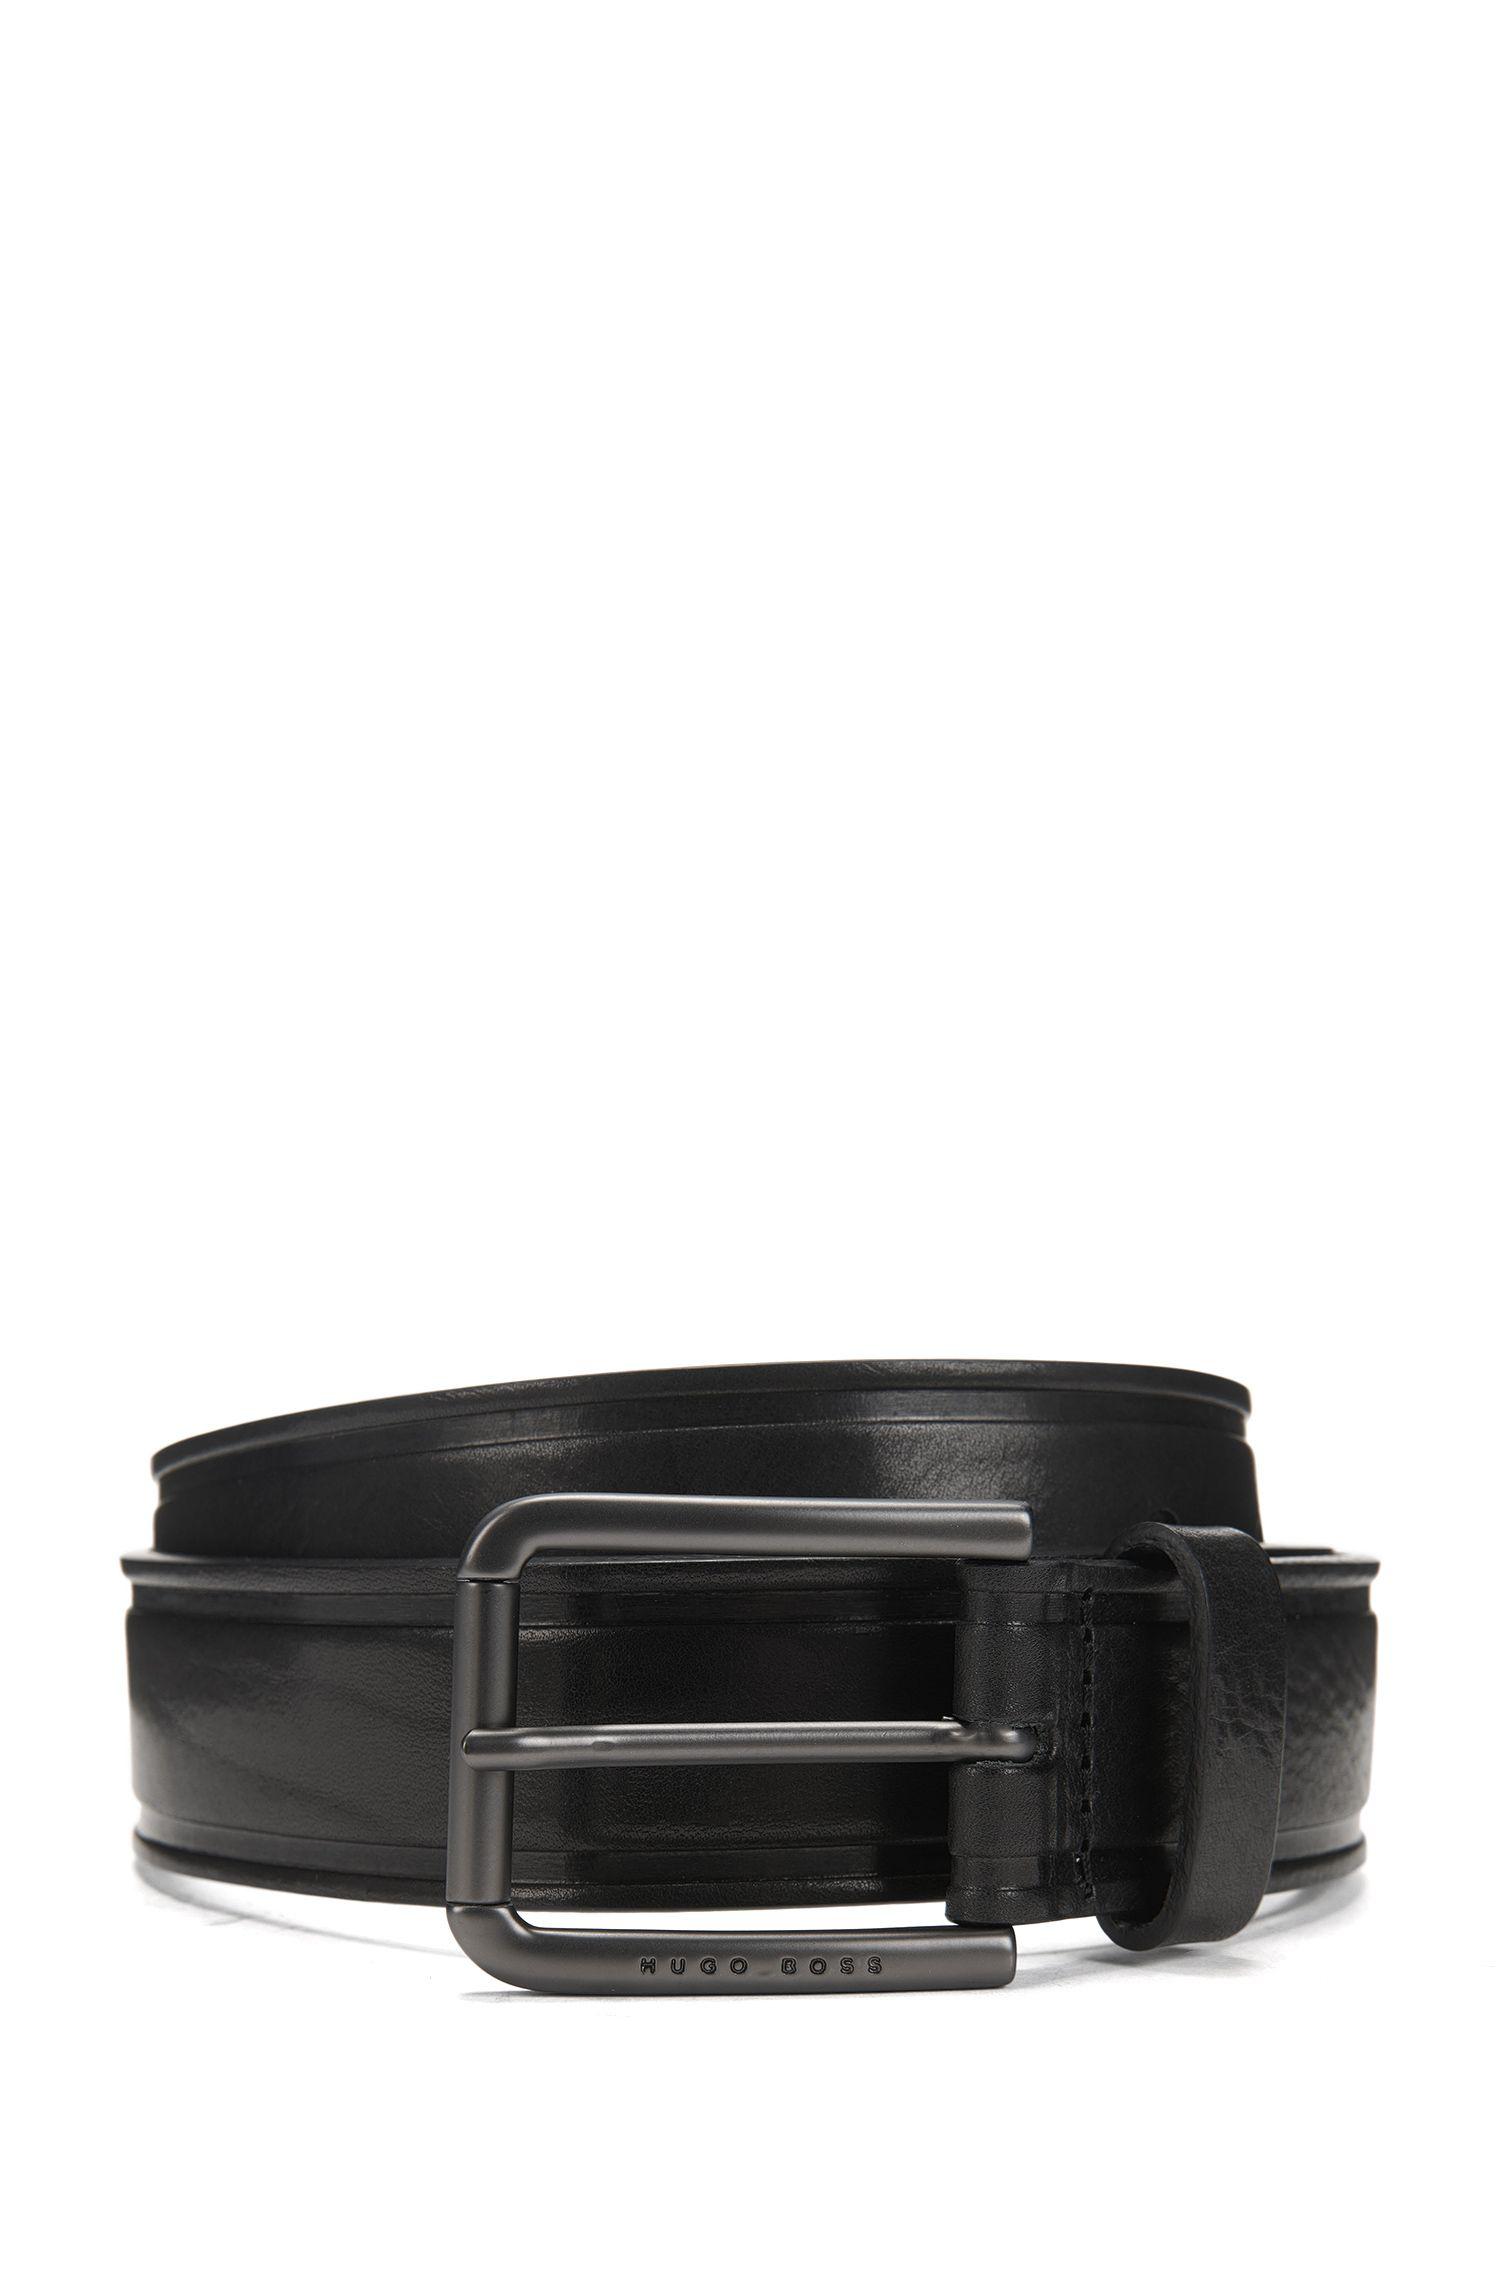 Cinturón de piel lisa con detalles termograbados